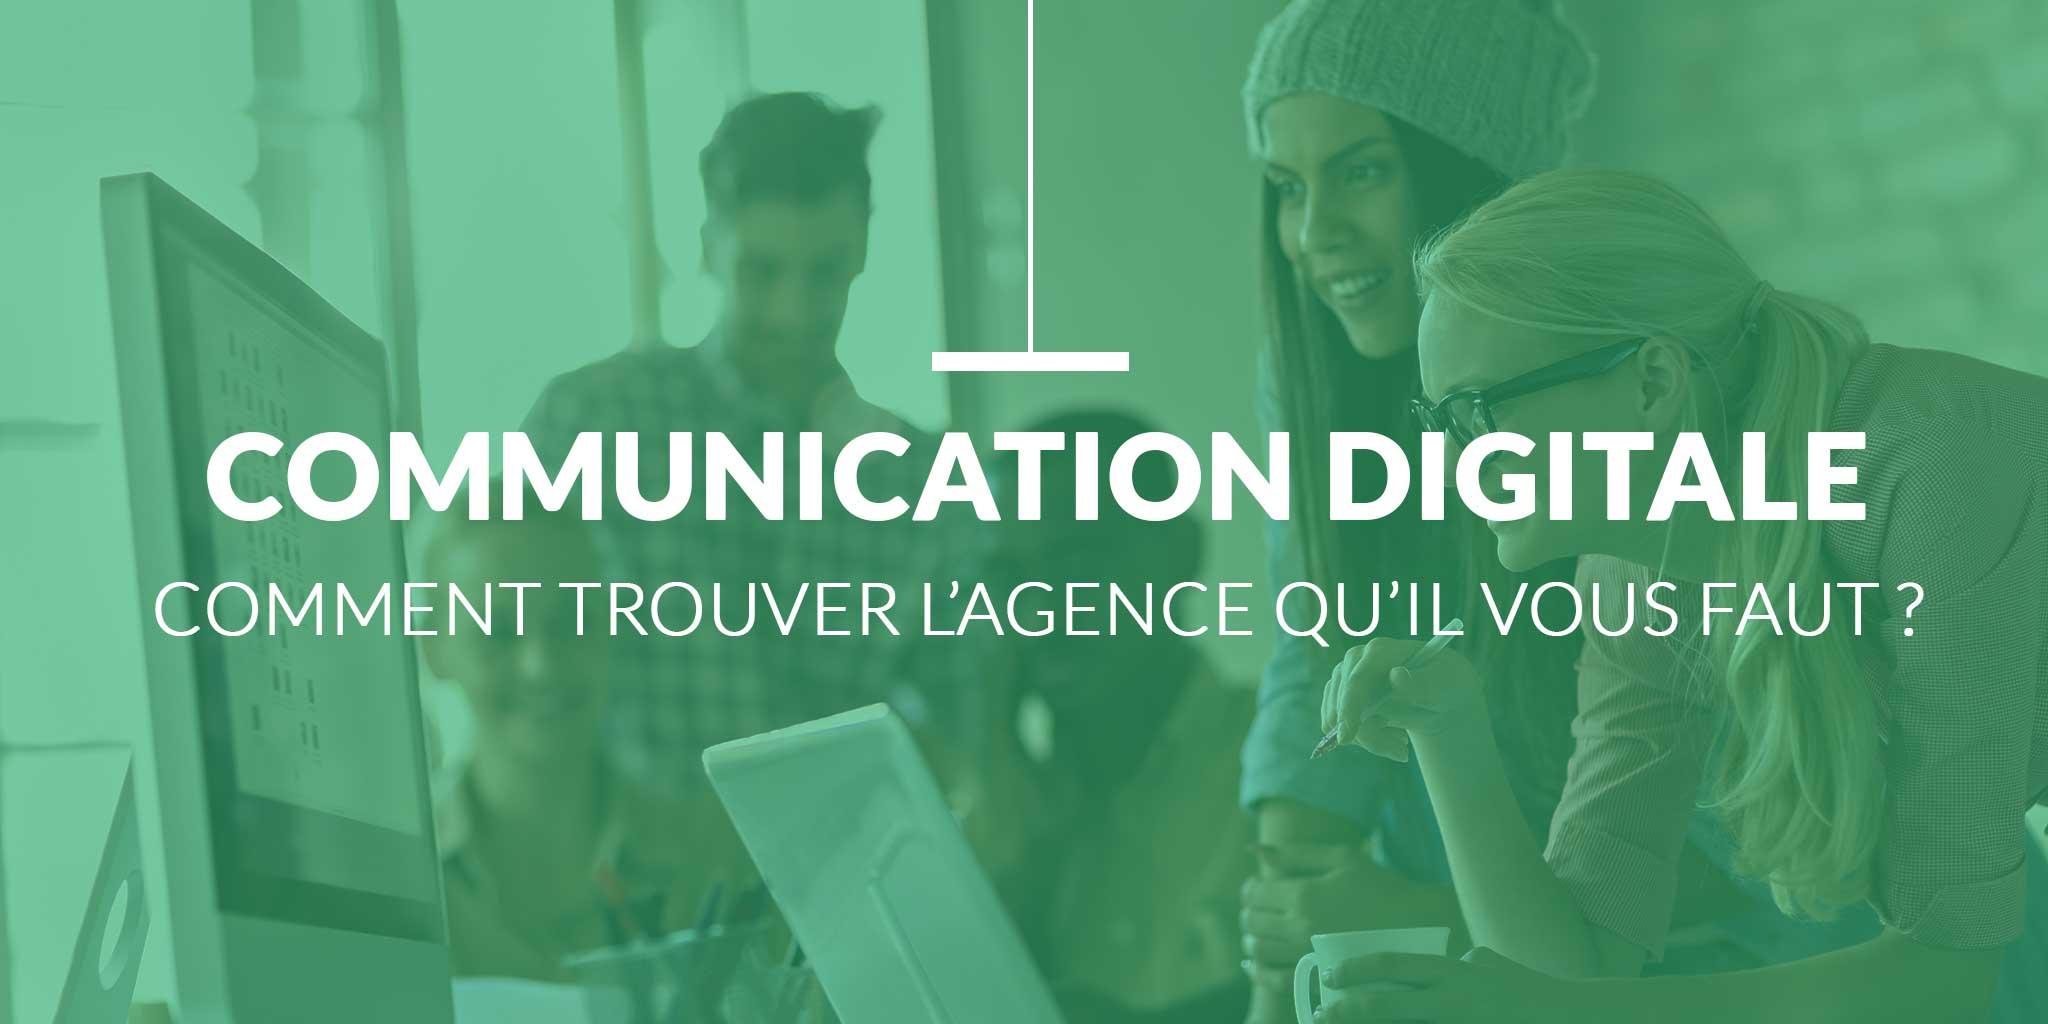 Agence pour digitaliser le système de communication